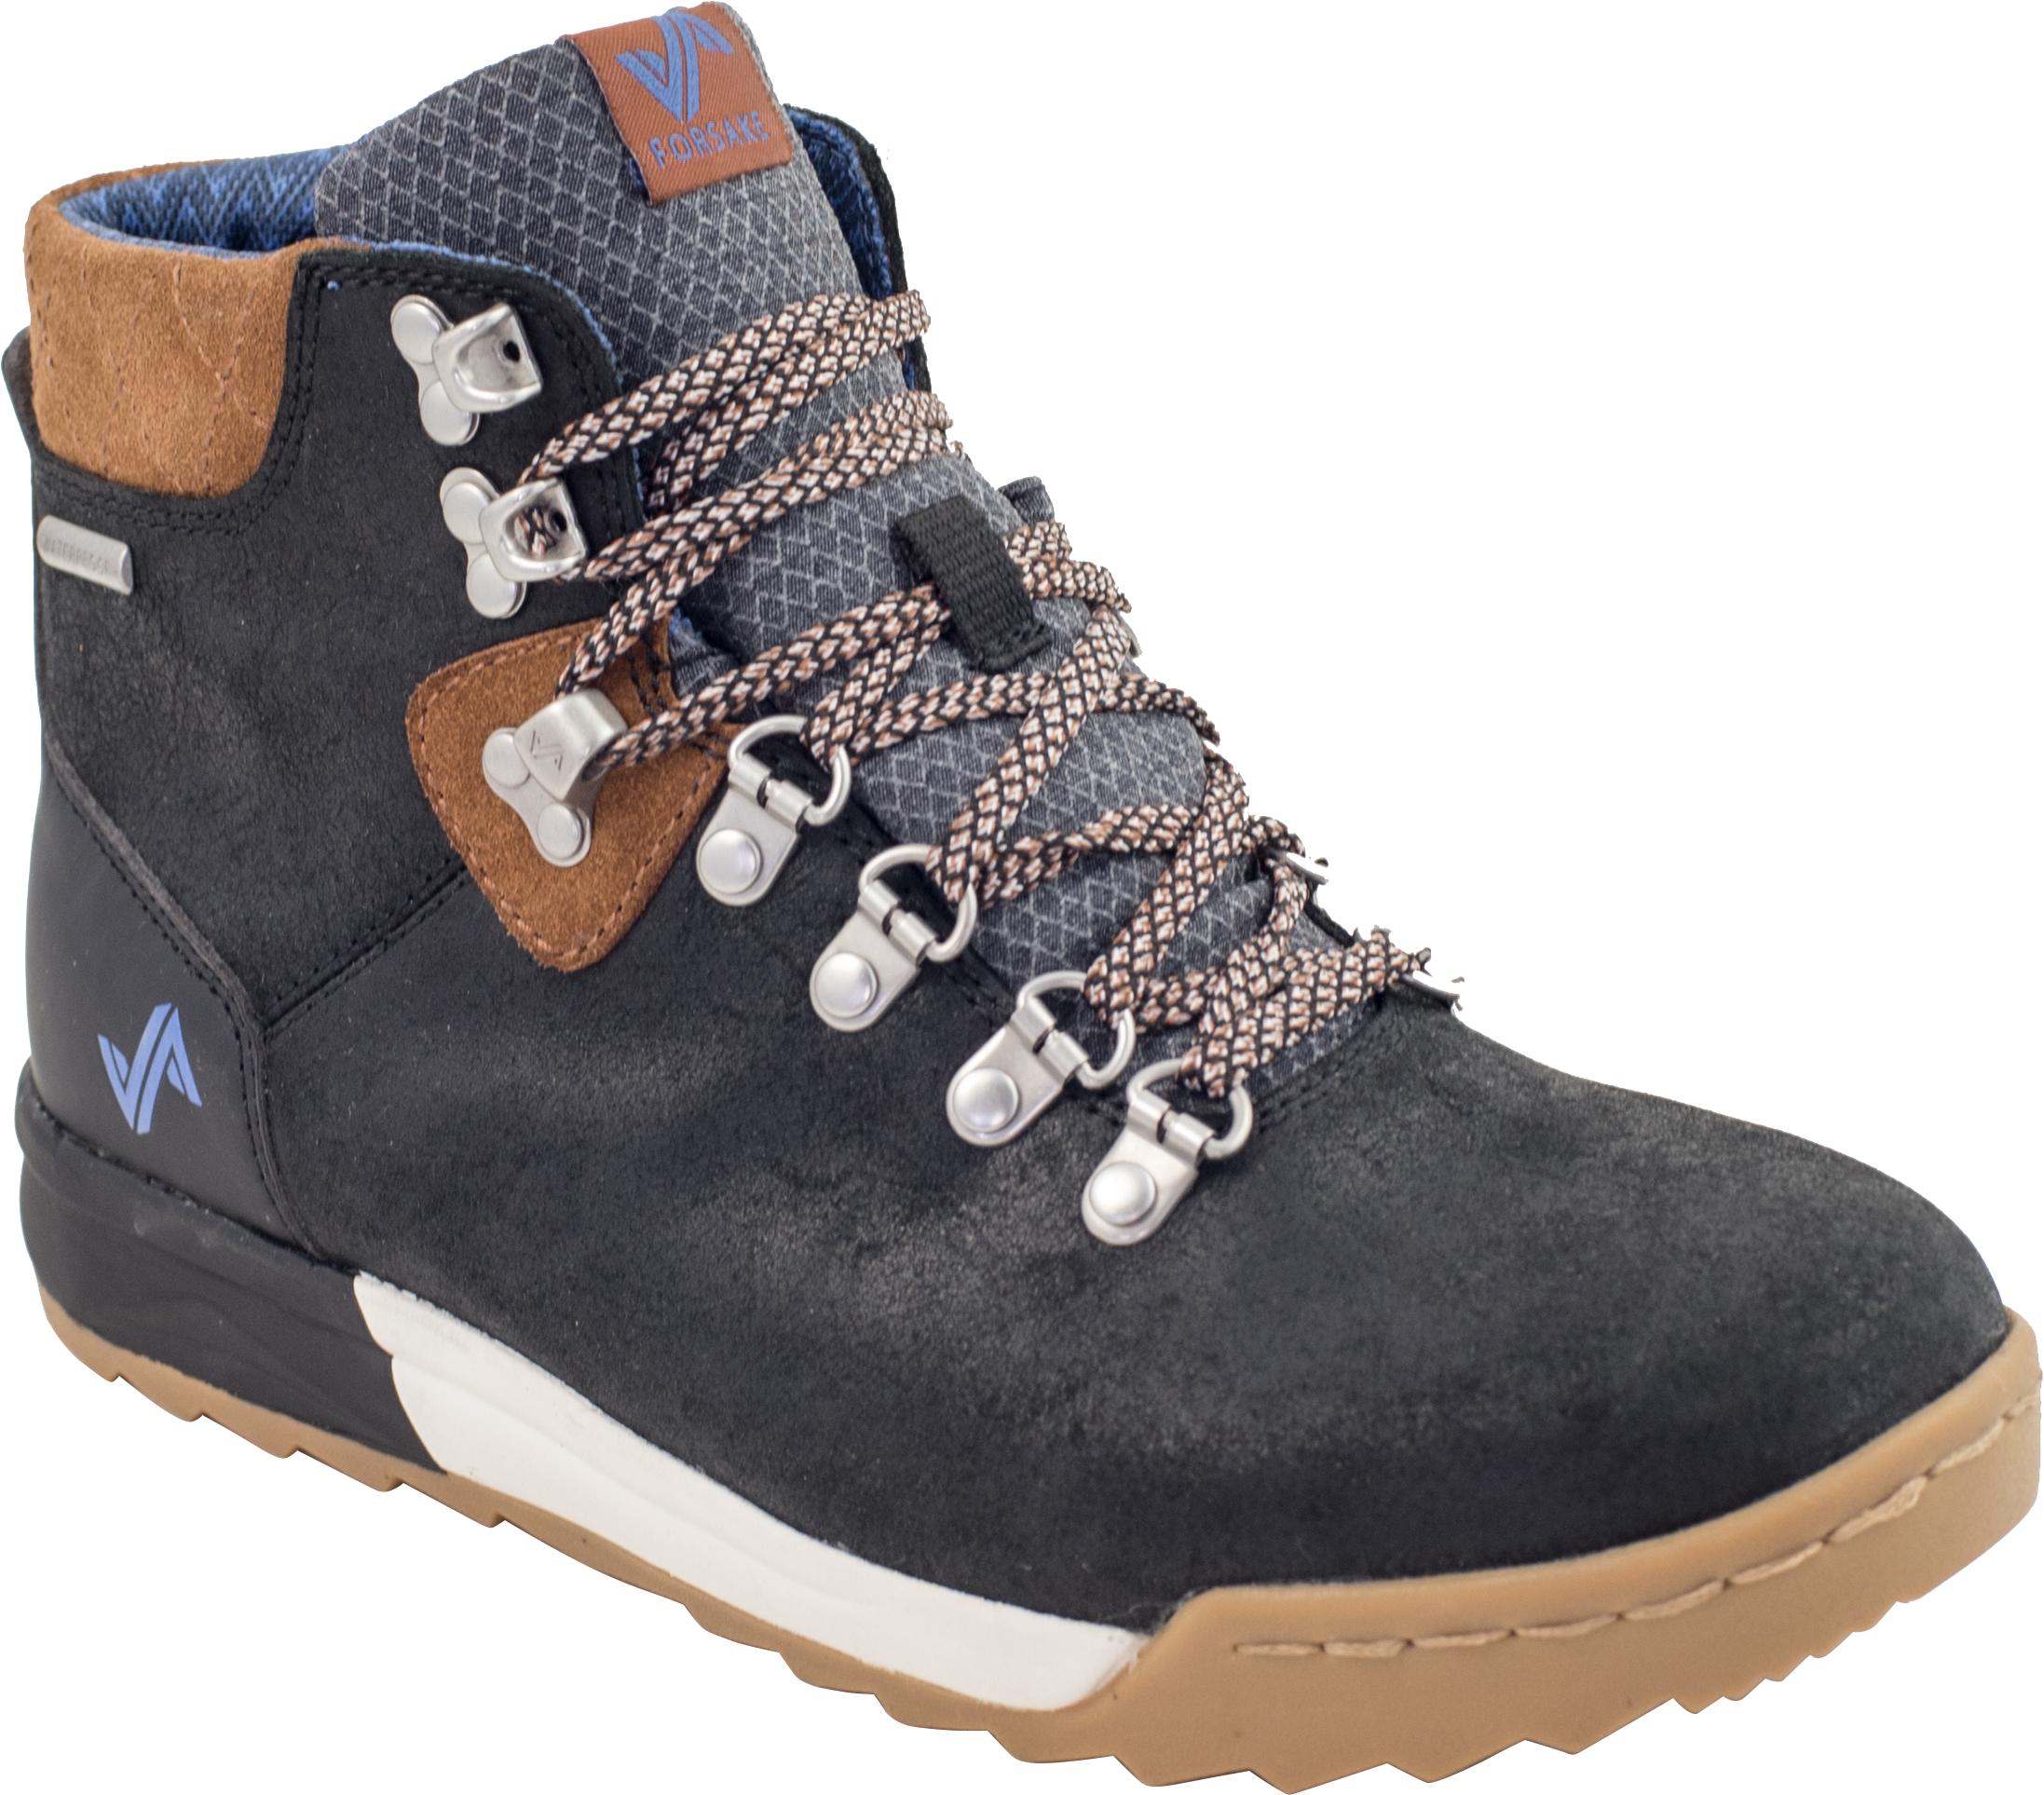 83183148b97 Women s Boots